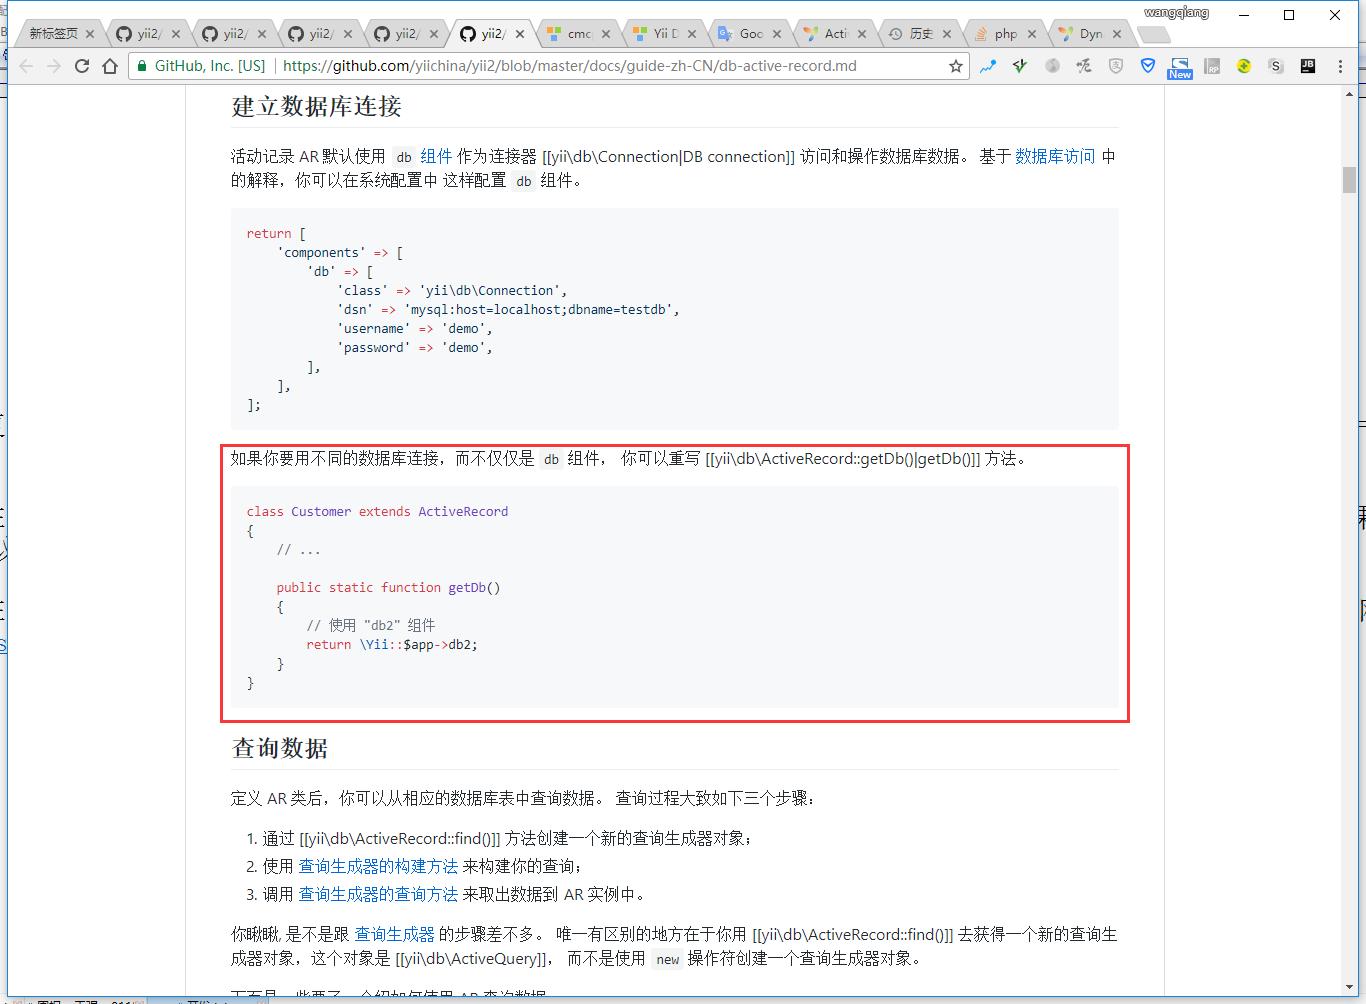 现在还原所有修改,准备实现同时使用多个数据库(每个租户对应不同的连接组件,连接组件的命名基于租户ID),参考网址:https://github.com/yiichina/yii2/blob/master/docs/guide-zh-CN/db-active-record.md